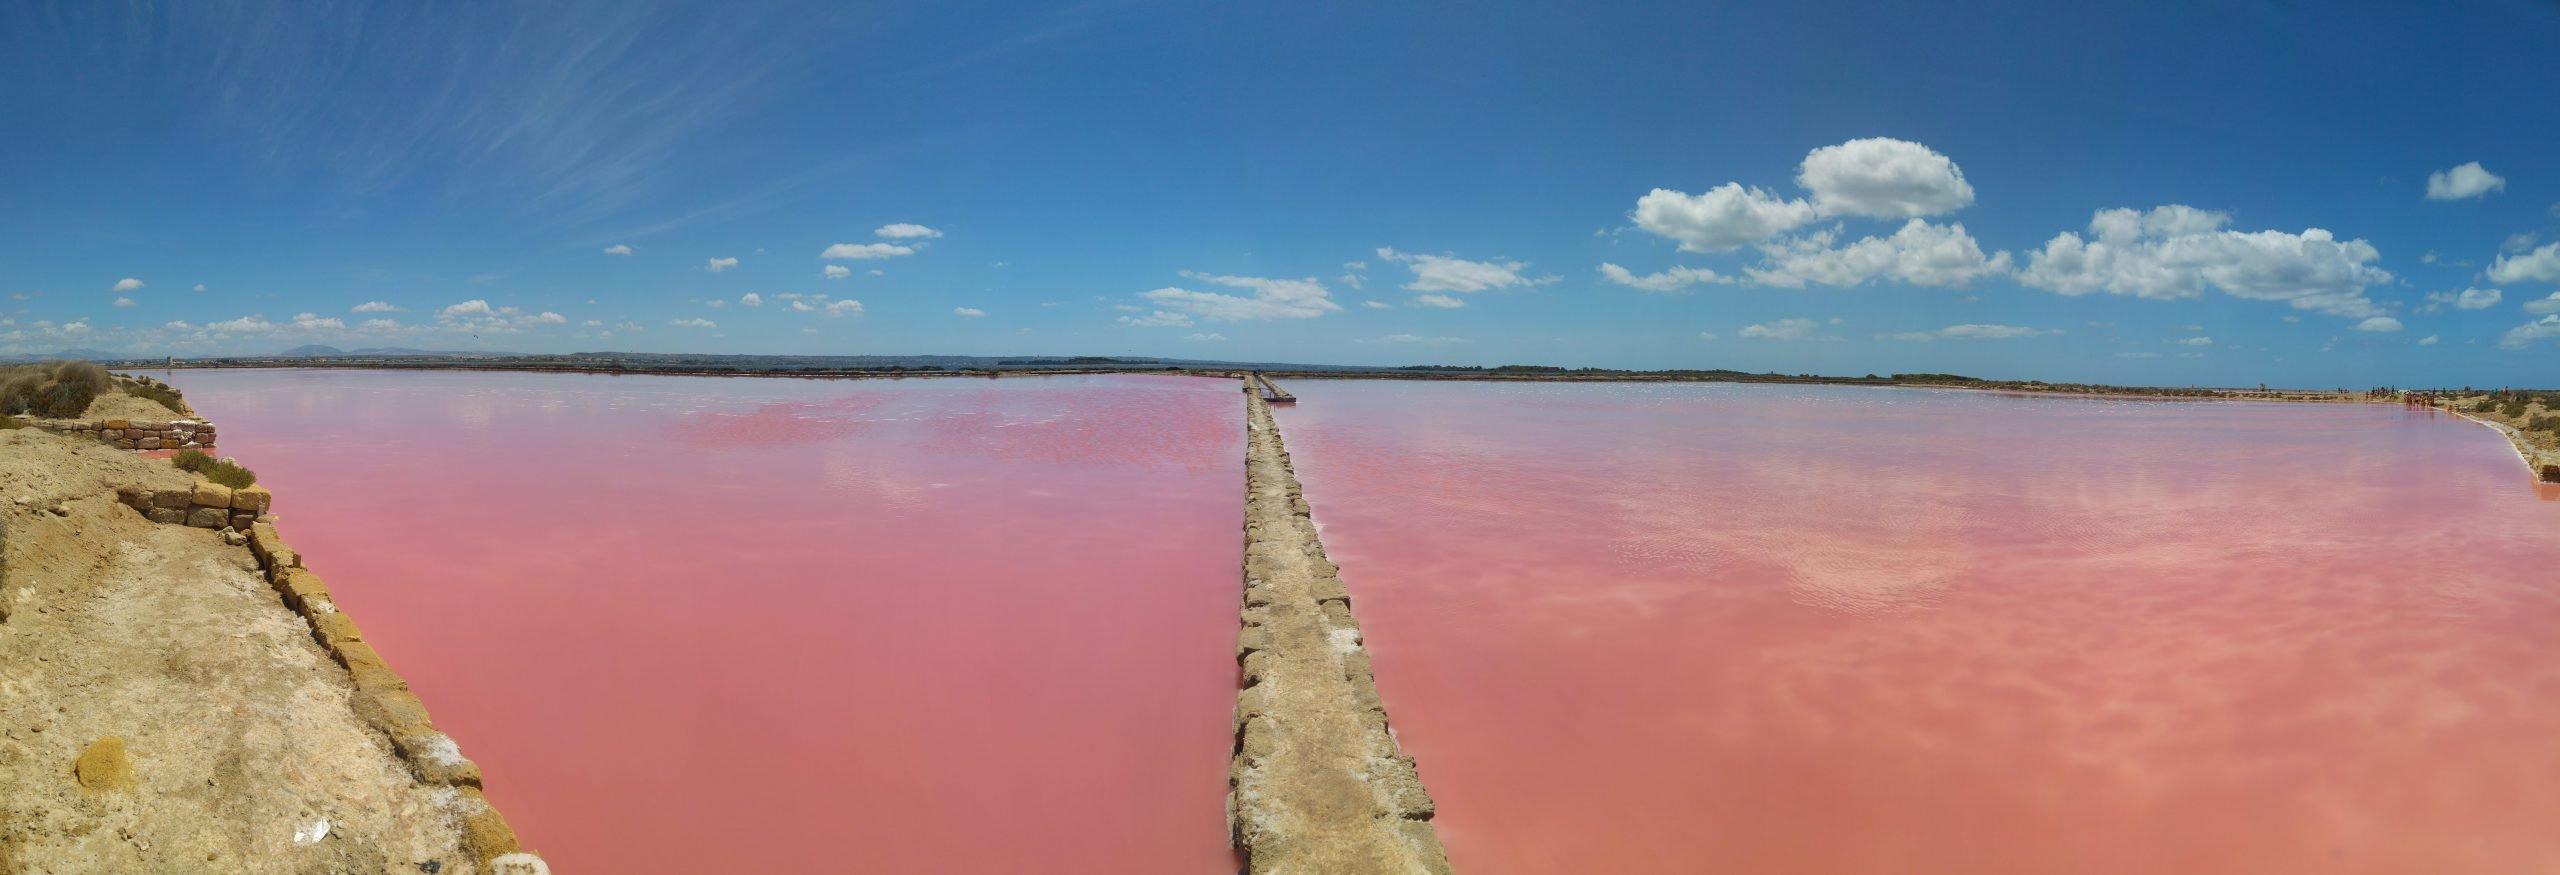 Vasche di sale con acqua rosa a Marsala